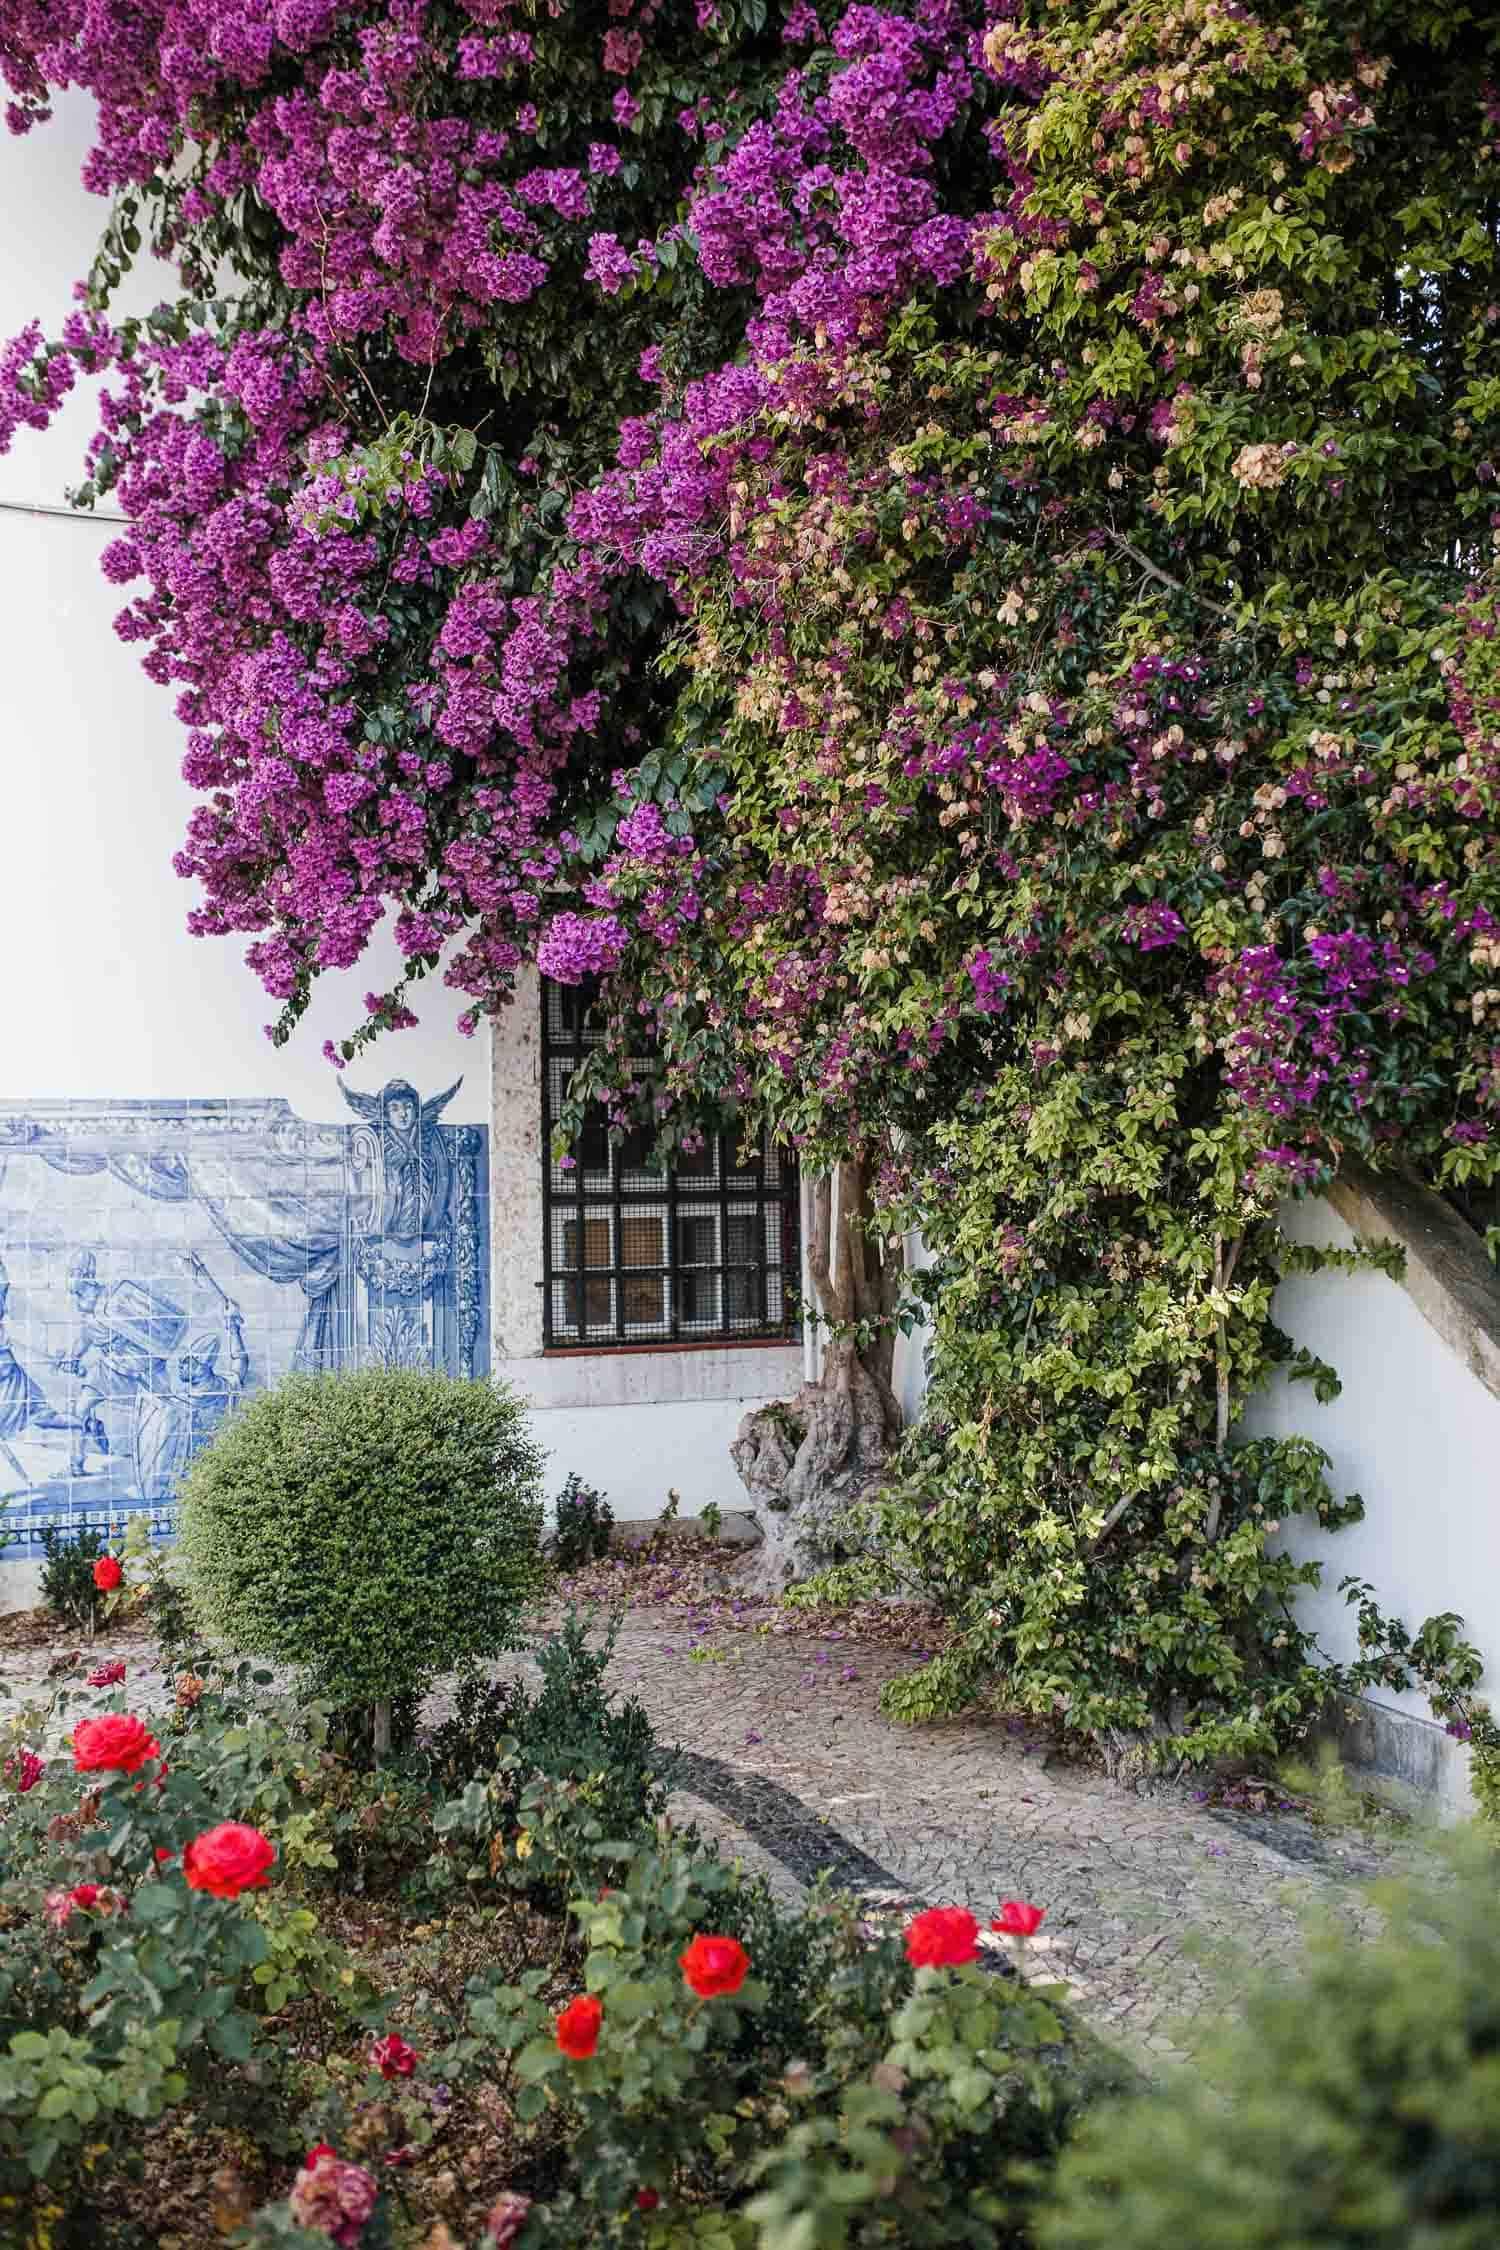 a purple flower tree in Portugal